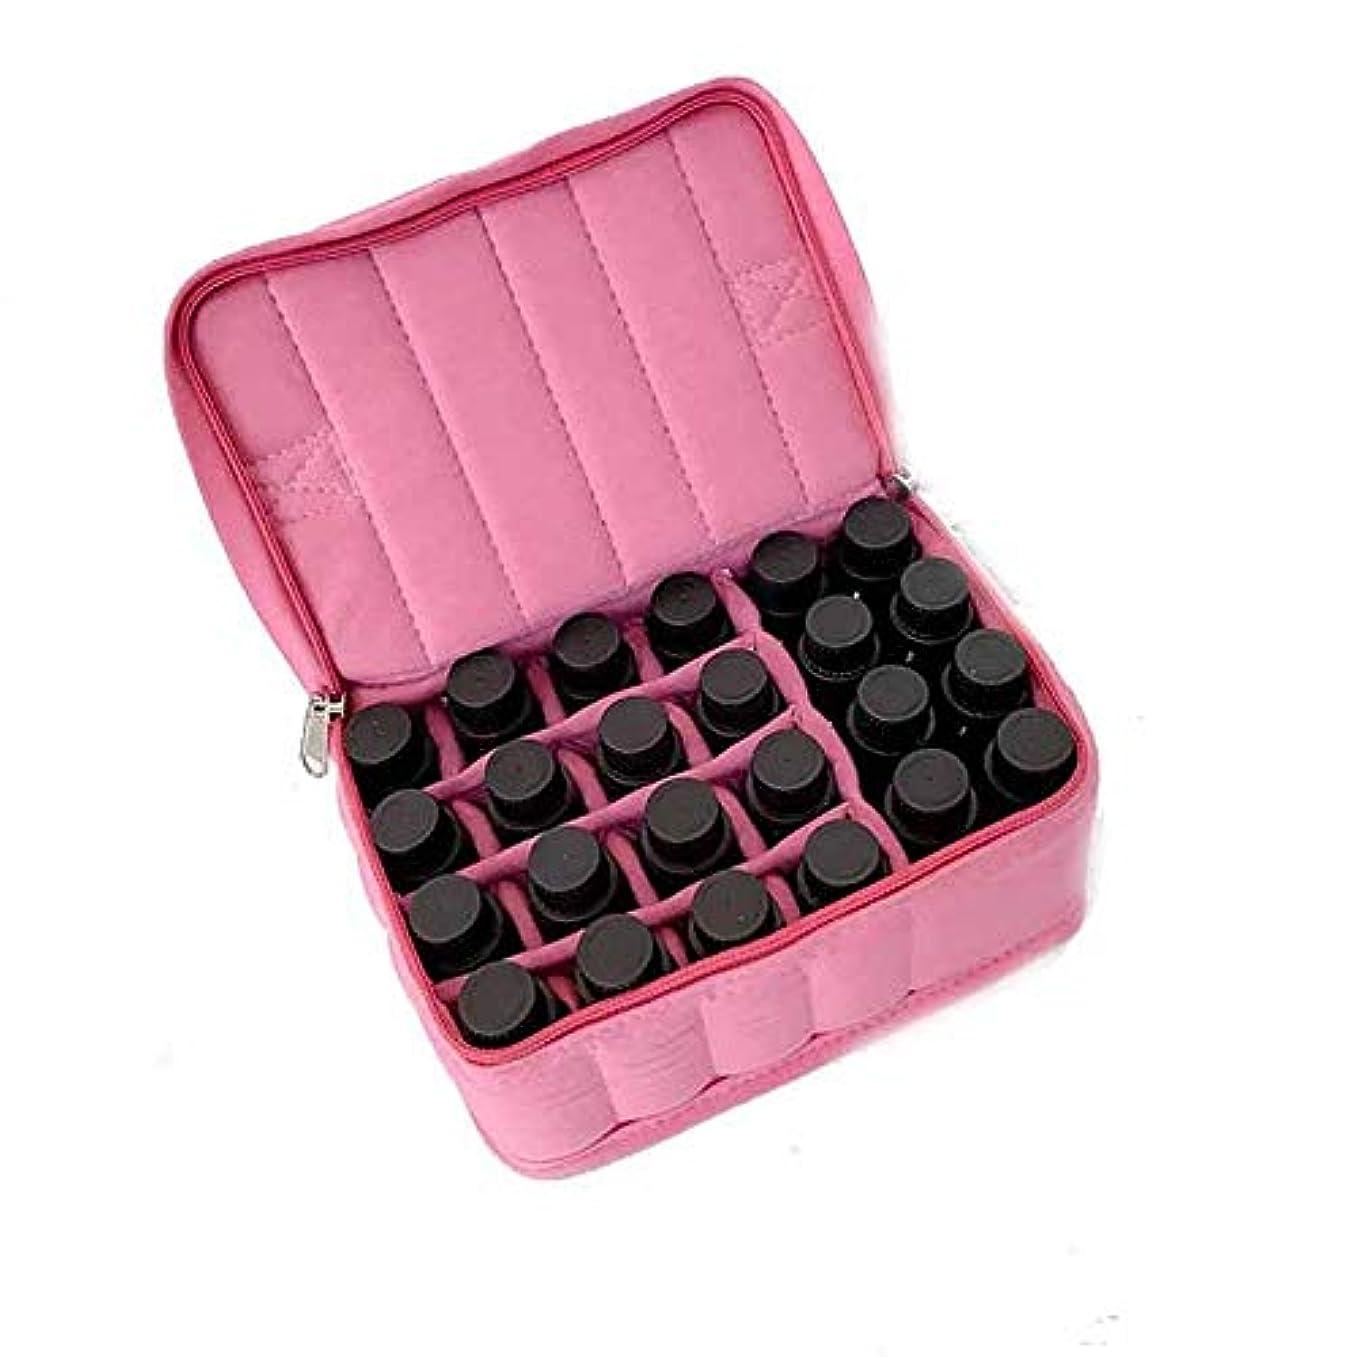 試す収束する協同精油ケース アロマ旅行やストレージピンクのために17-ボトルエッセンシャルオイルキャリングケース 携帯便利 (色 : ピンク, サイズ : 18X13.5X8.5CM)